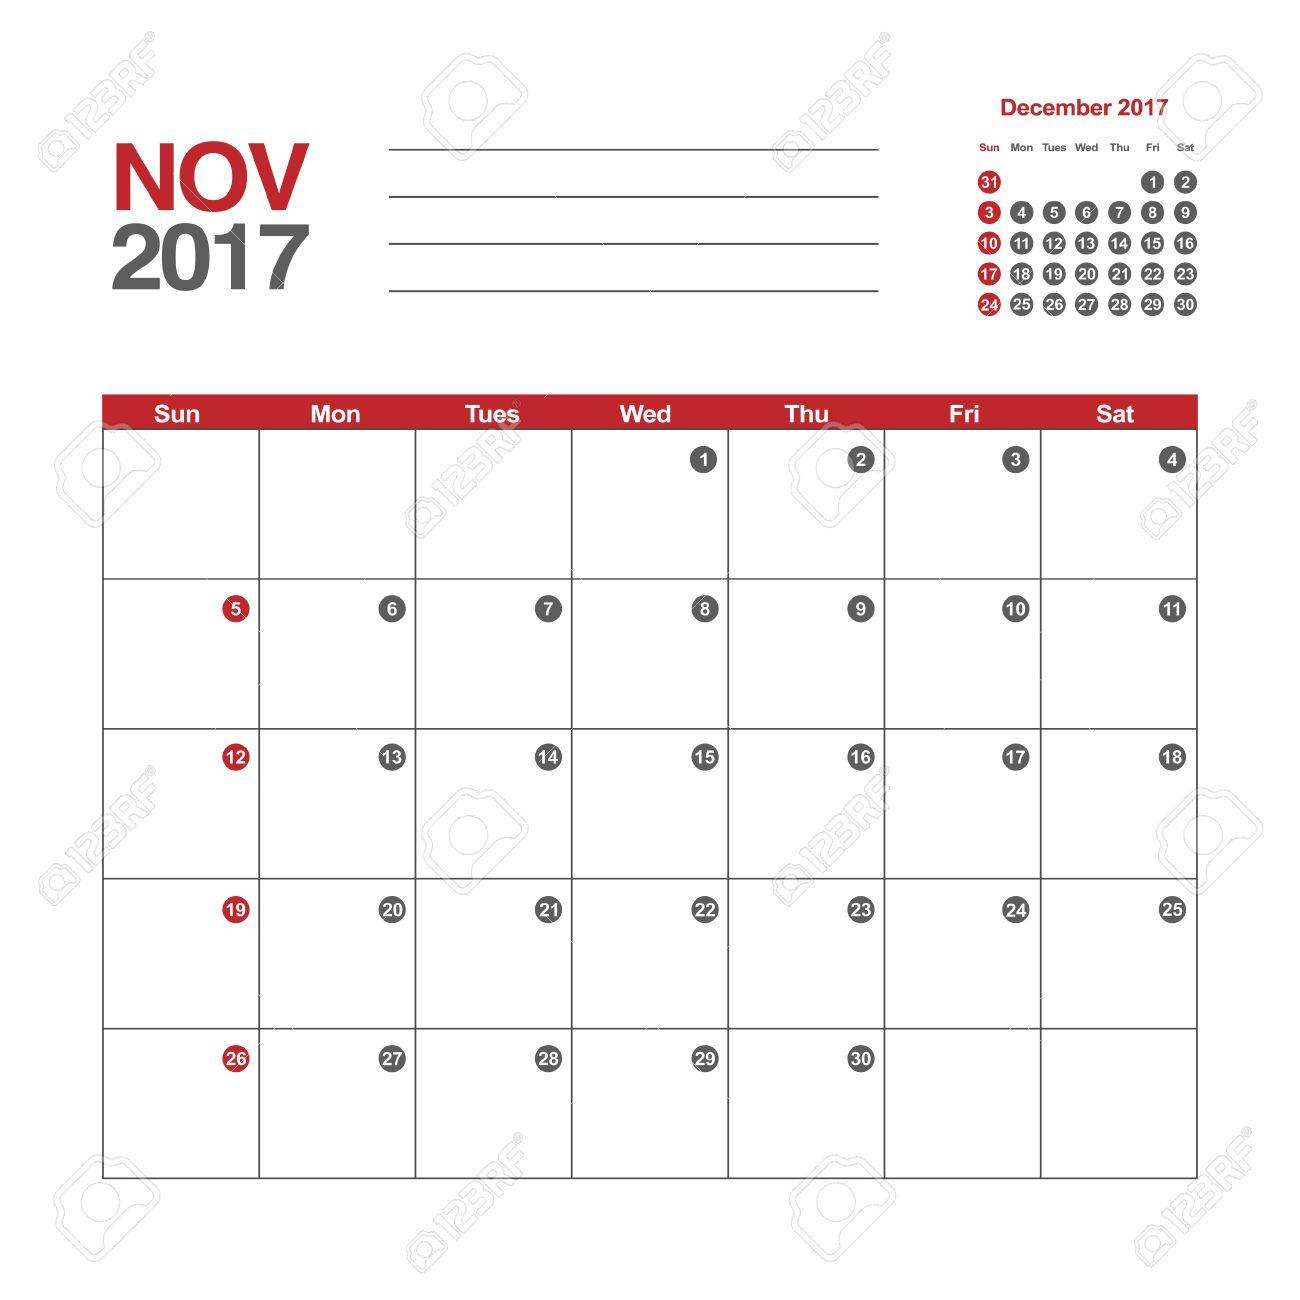 2017 年 11 月カレンダーのテンプレートのイラスト素材ベクタ Image